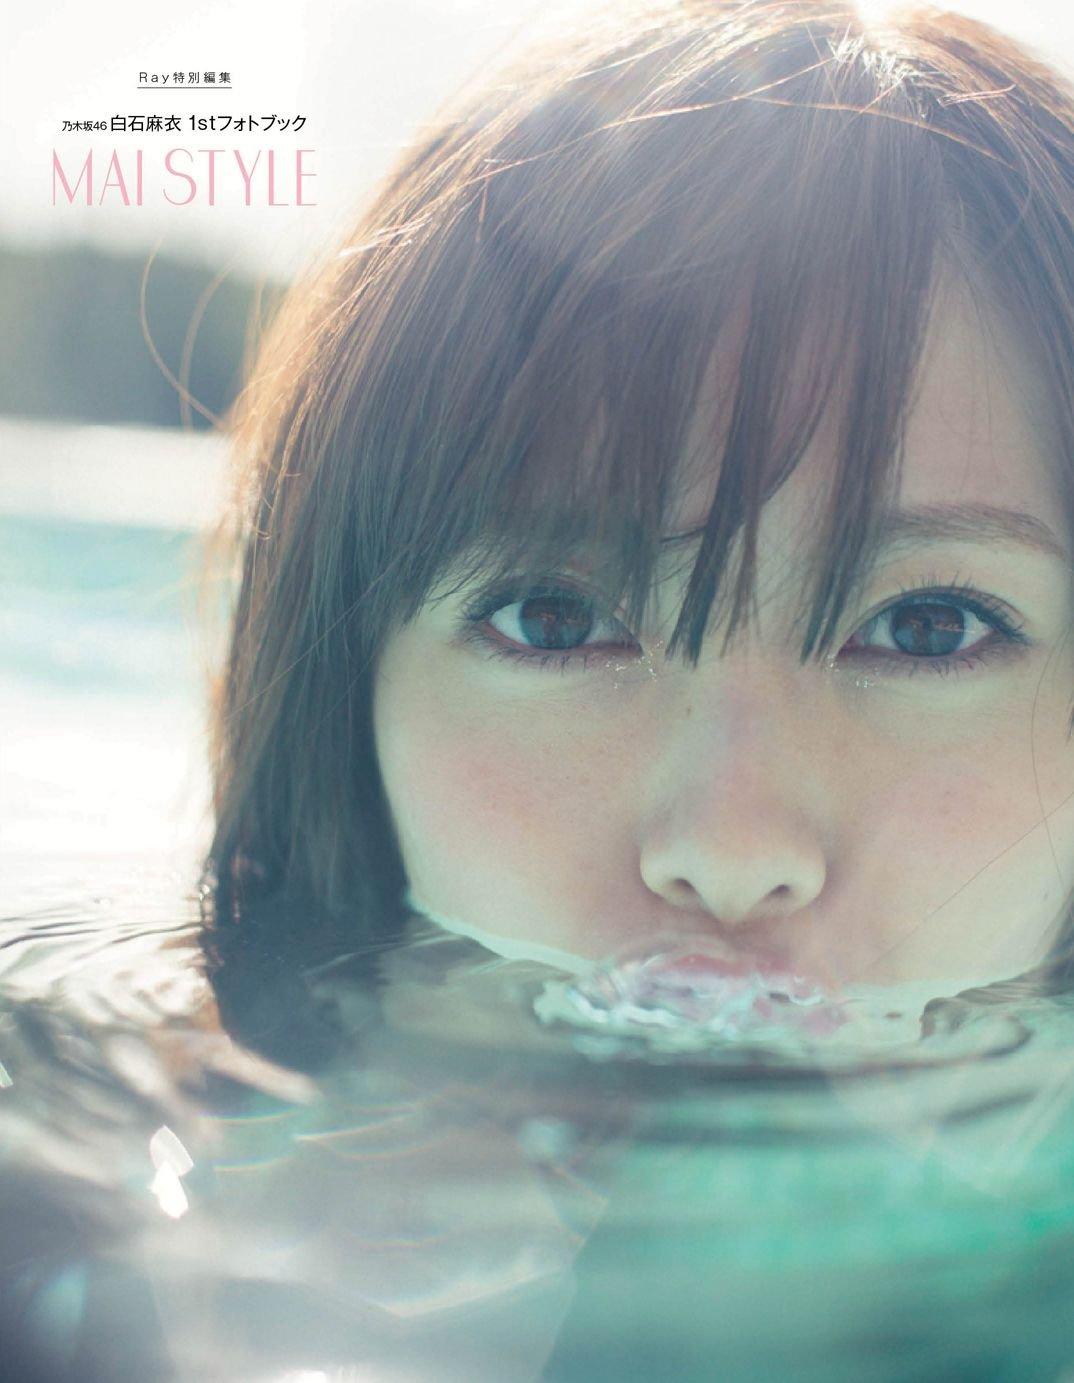 白石麻衣1stフォトブック MAI STYLE